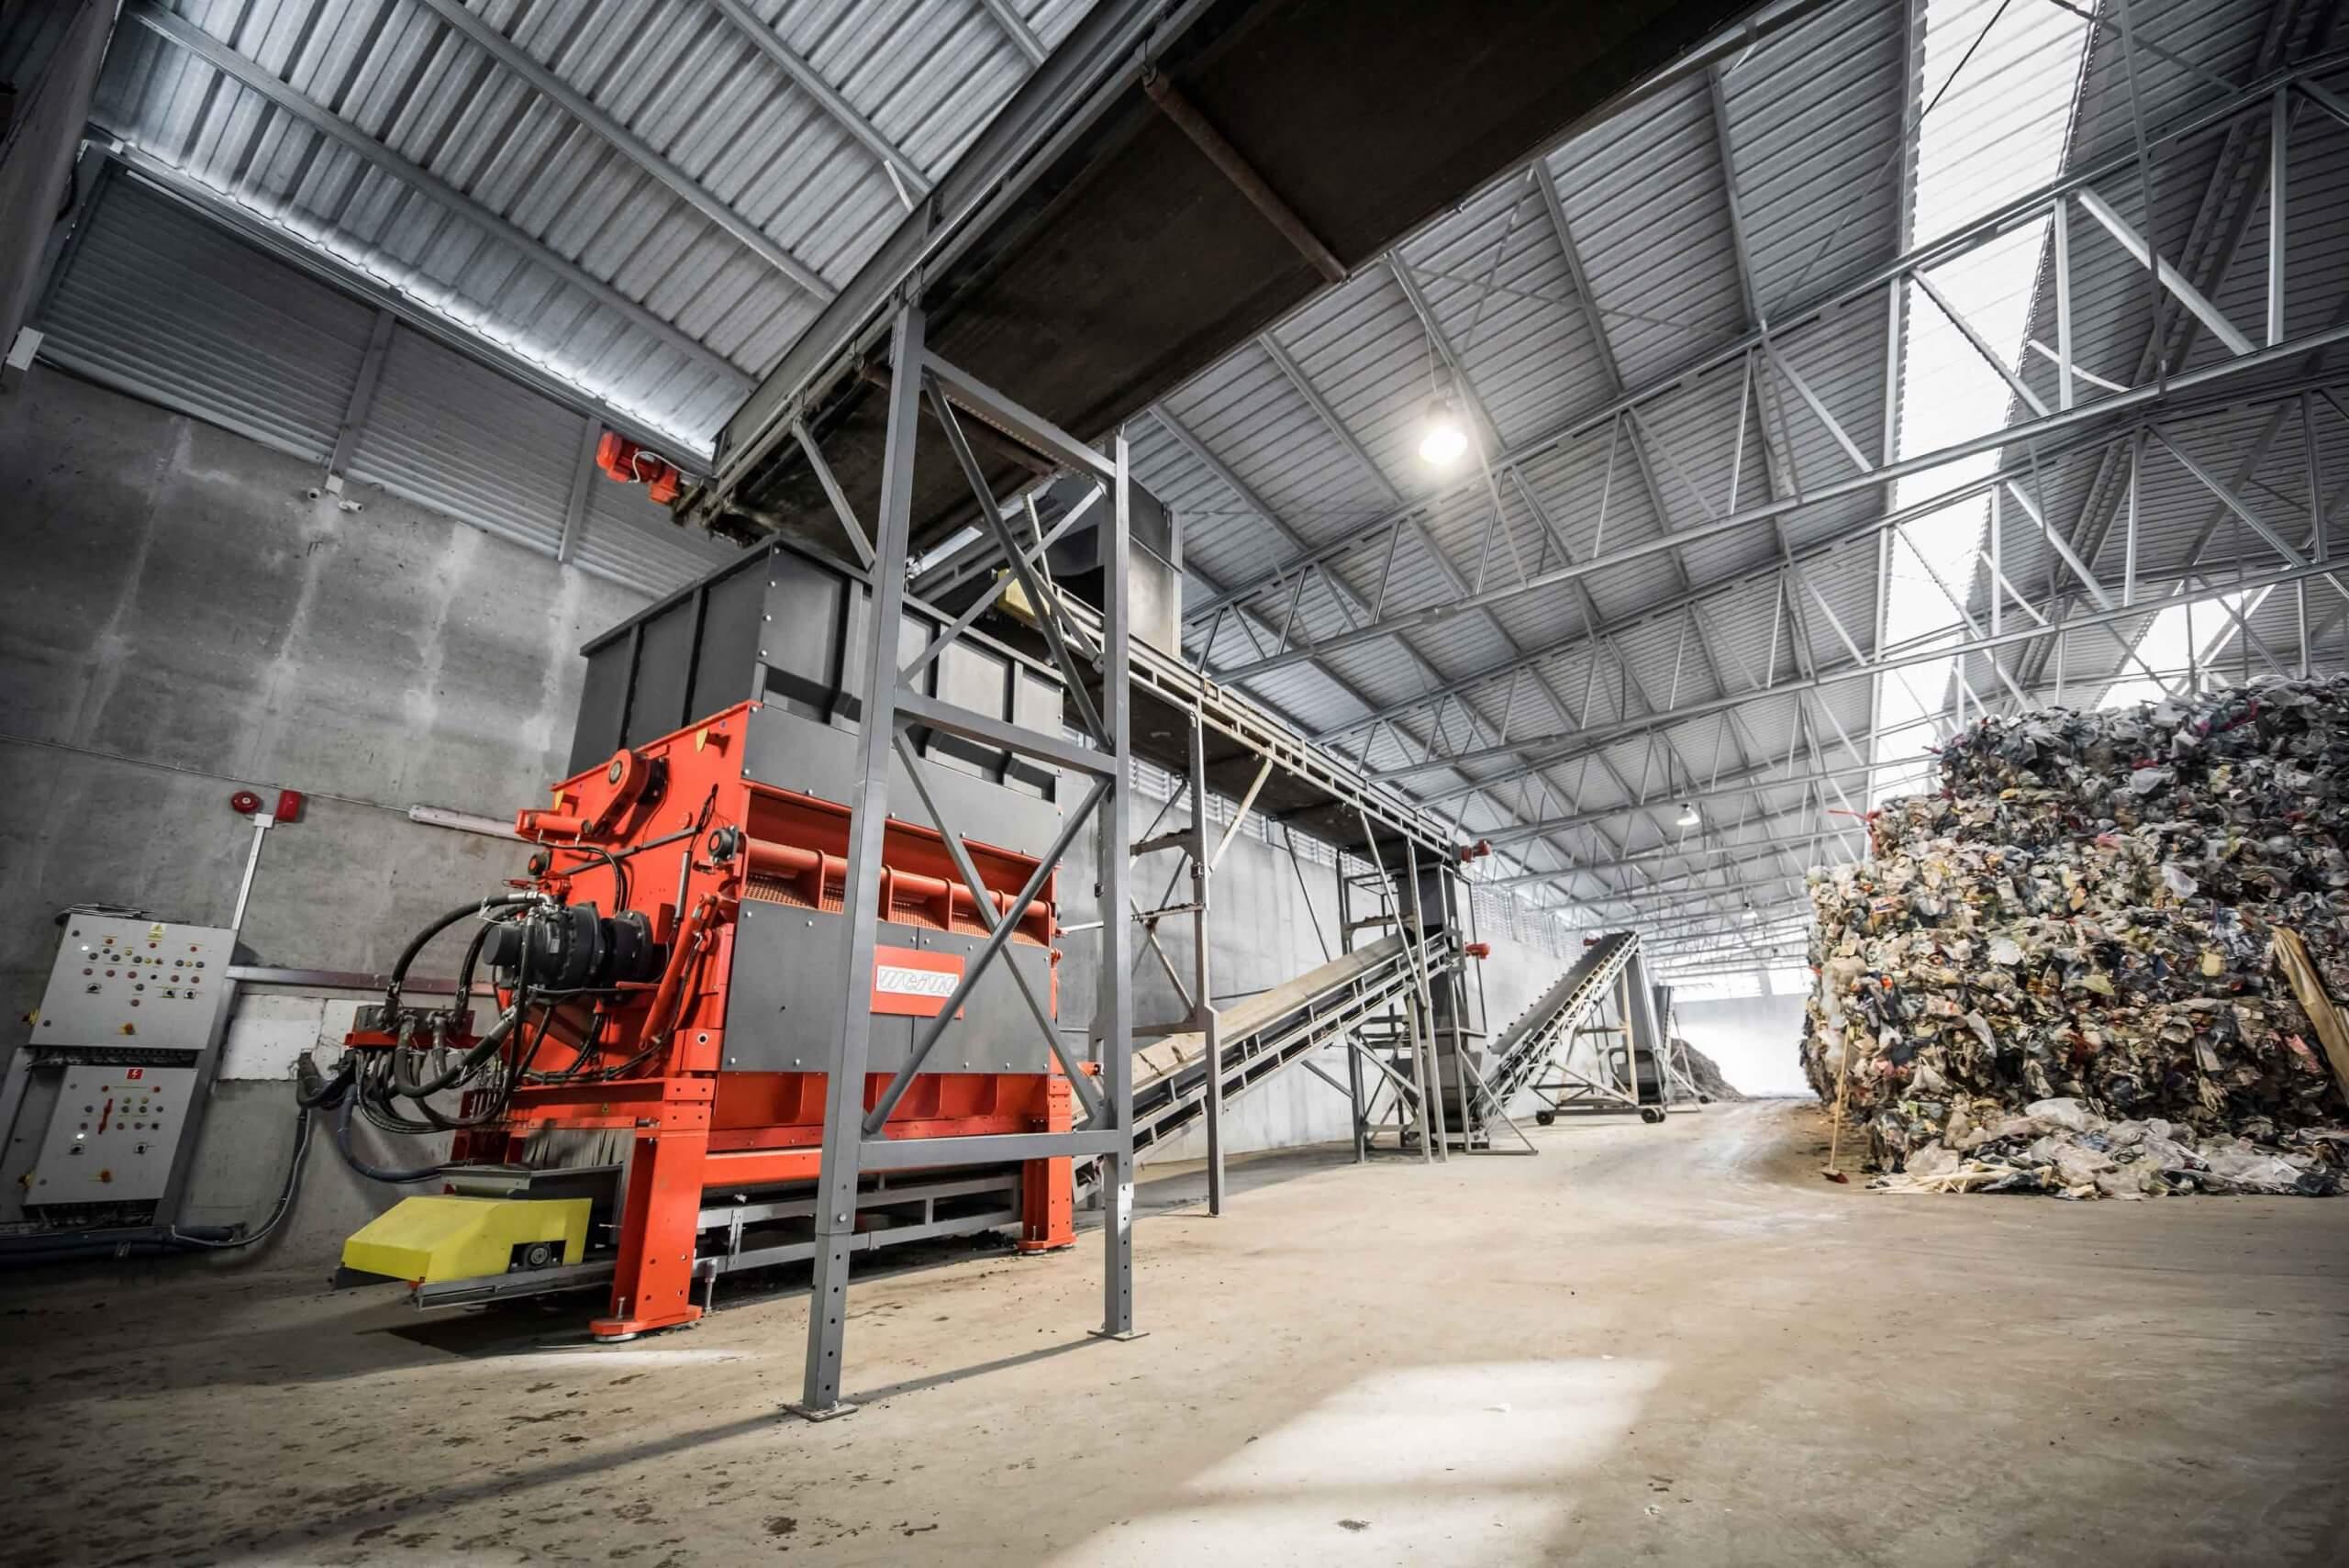 Müllzerkleinerung in großer Produktionshalle